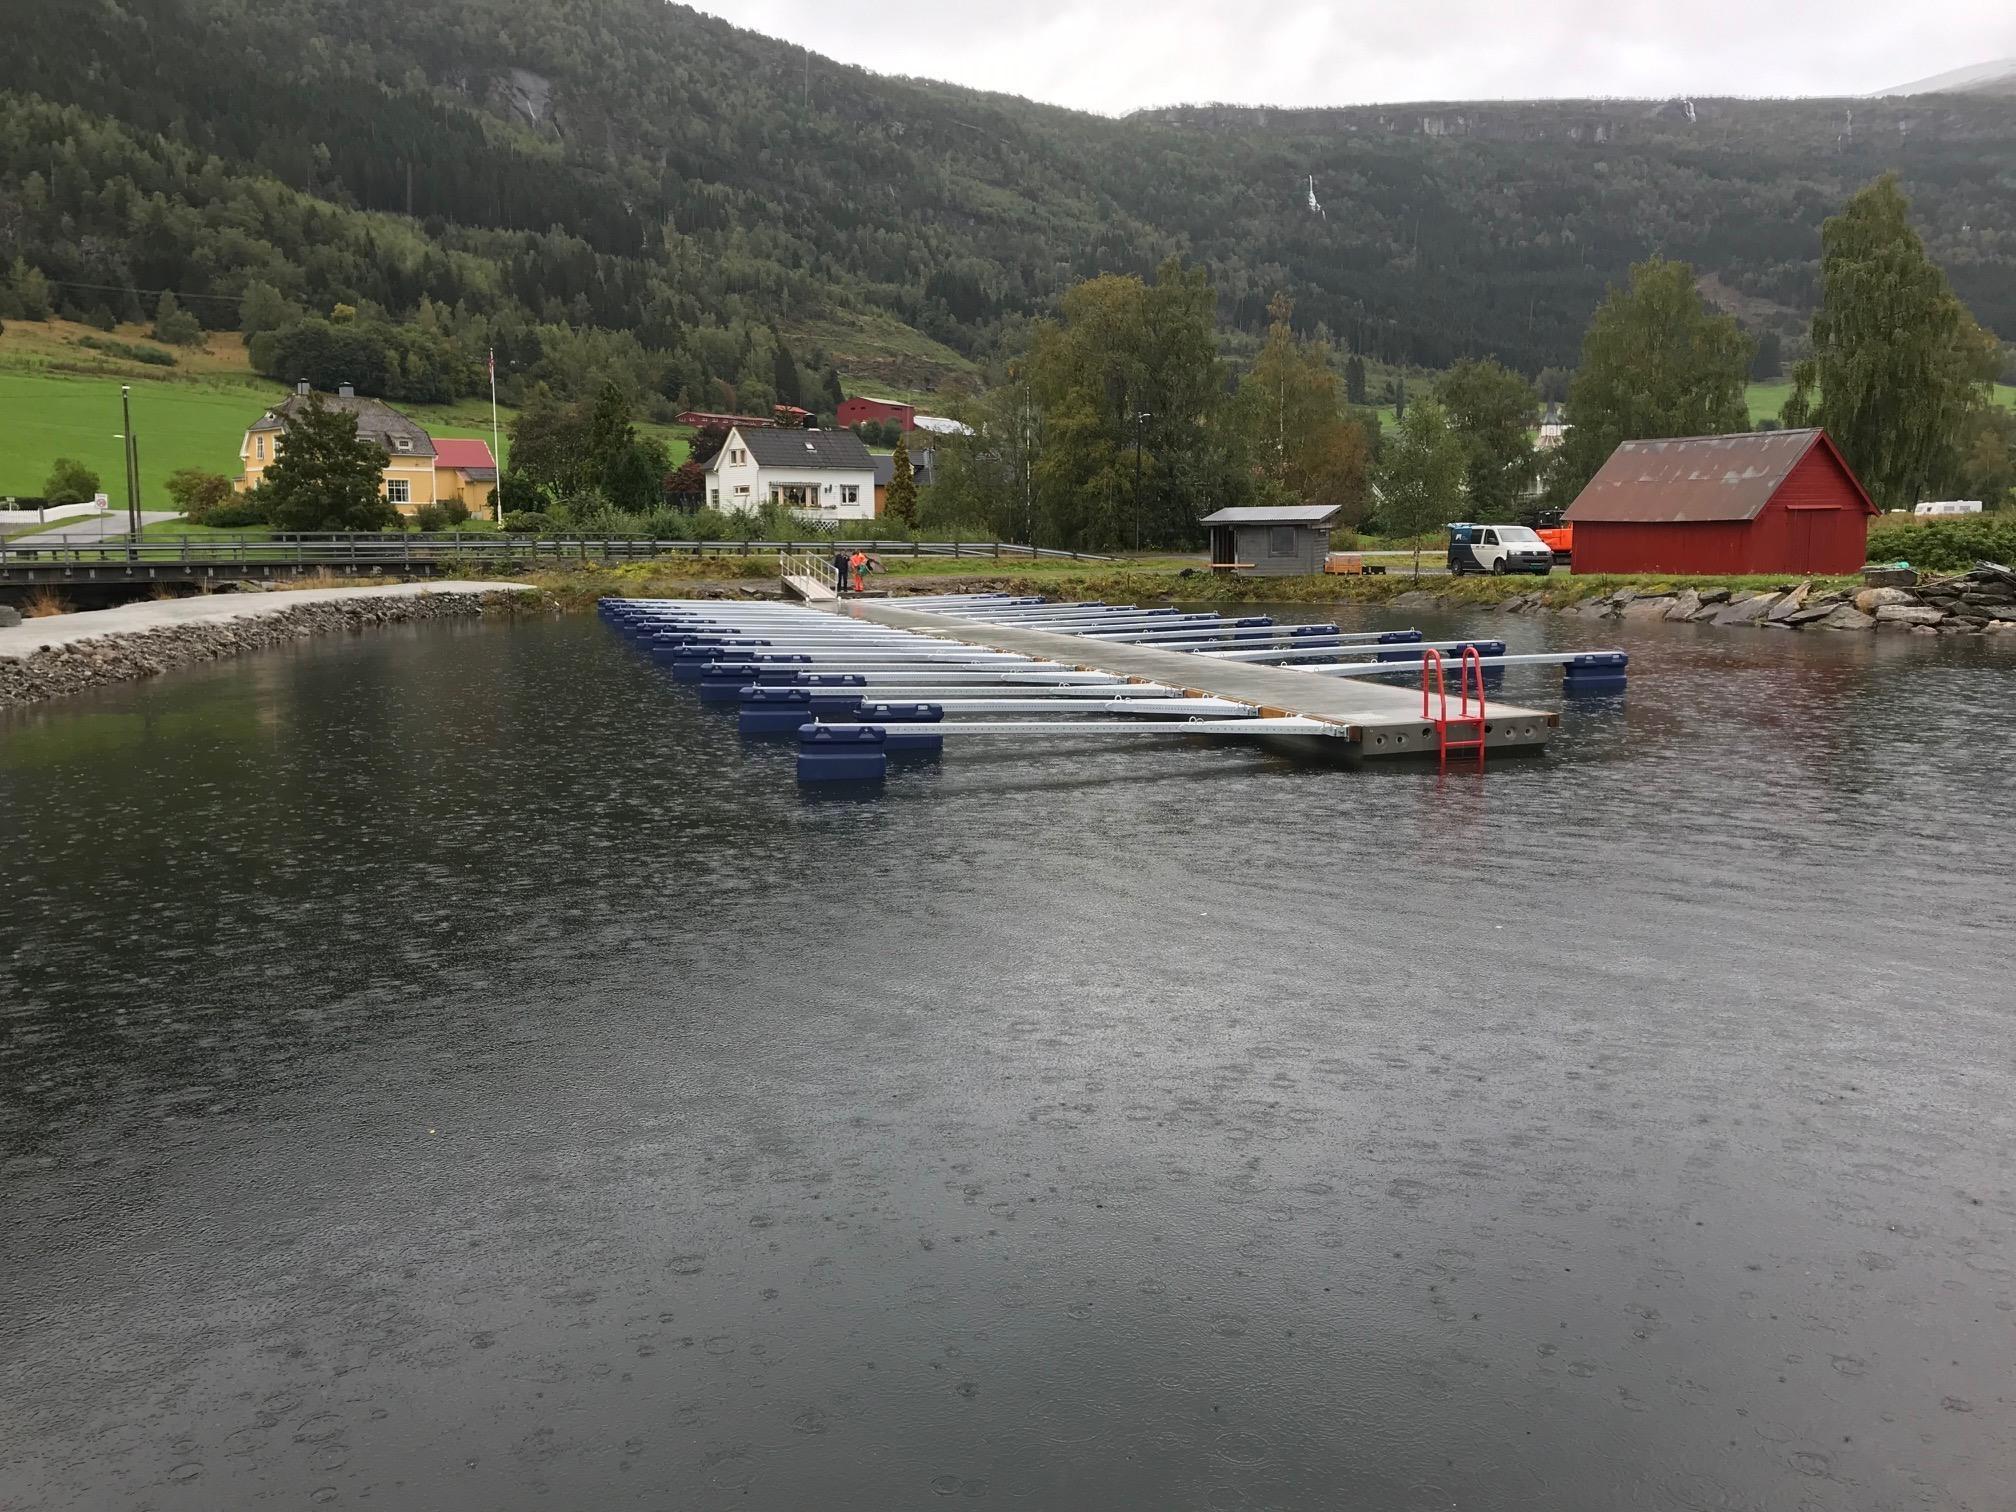 https://www.marinasolutions.no/uploads/Innvik-båtforening-småbåtsanlegg-sklisikre-utriggere-fortøyningsbommer-2.jpg